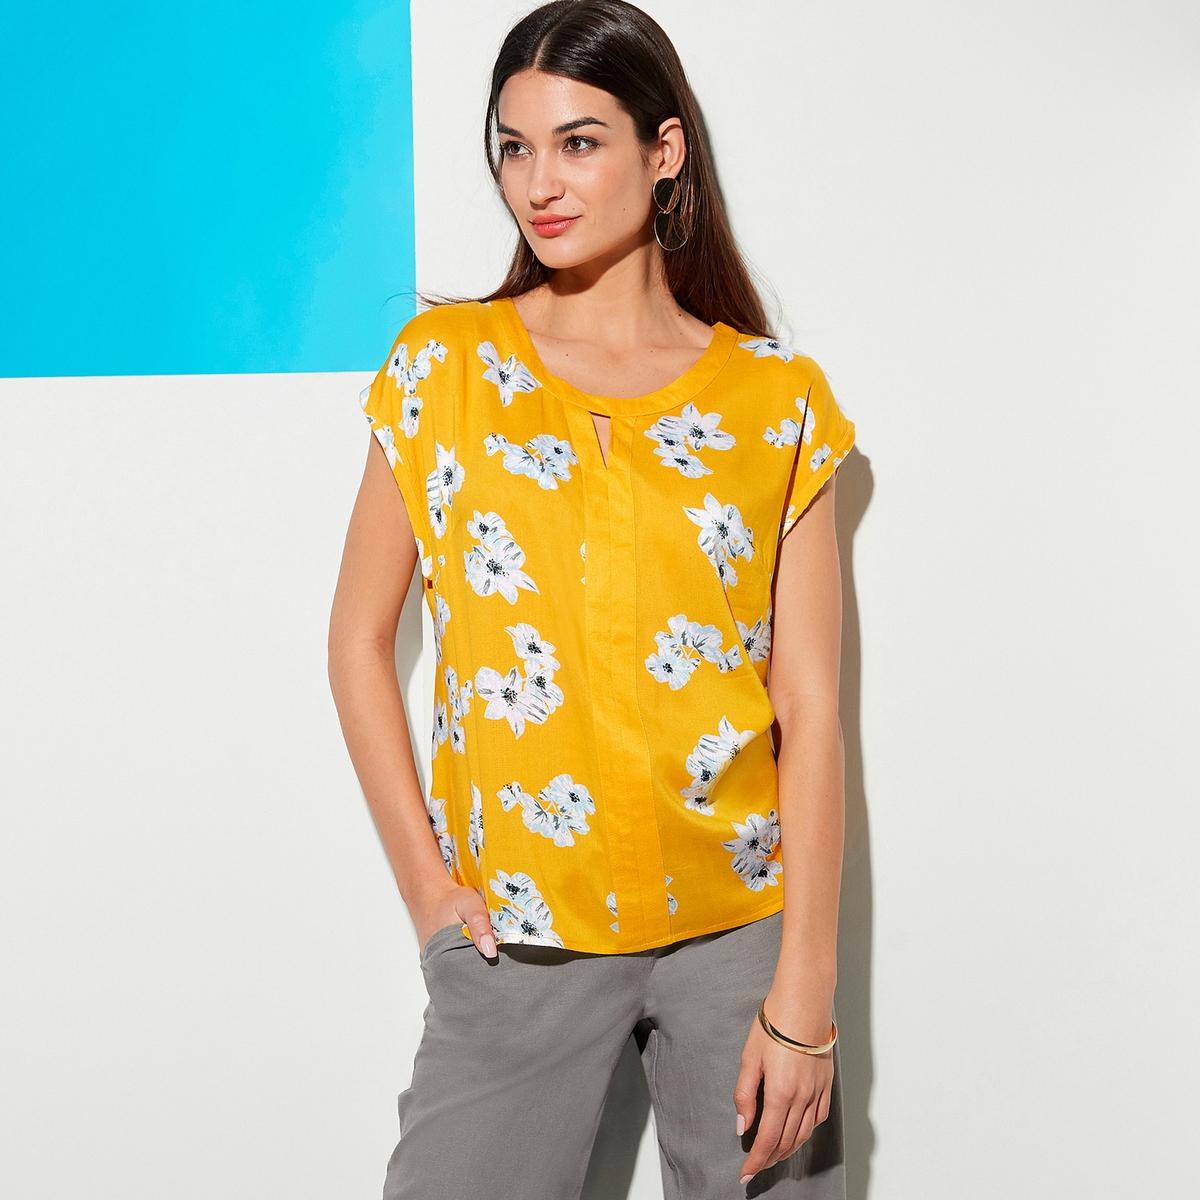 Imagen principal de producto de Blusa vaporosa con estampado de flores, manga corta - Anne weyburn